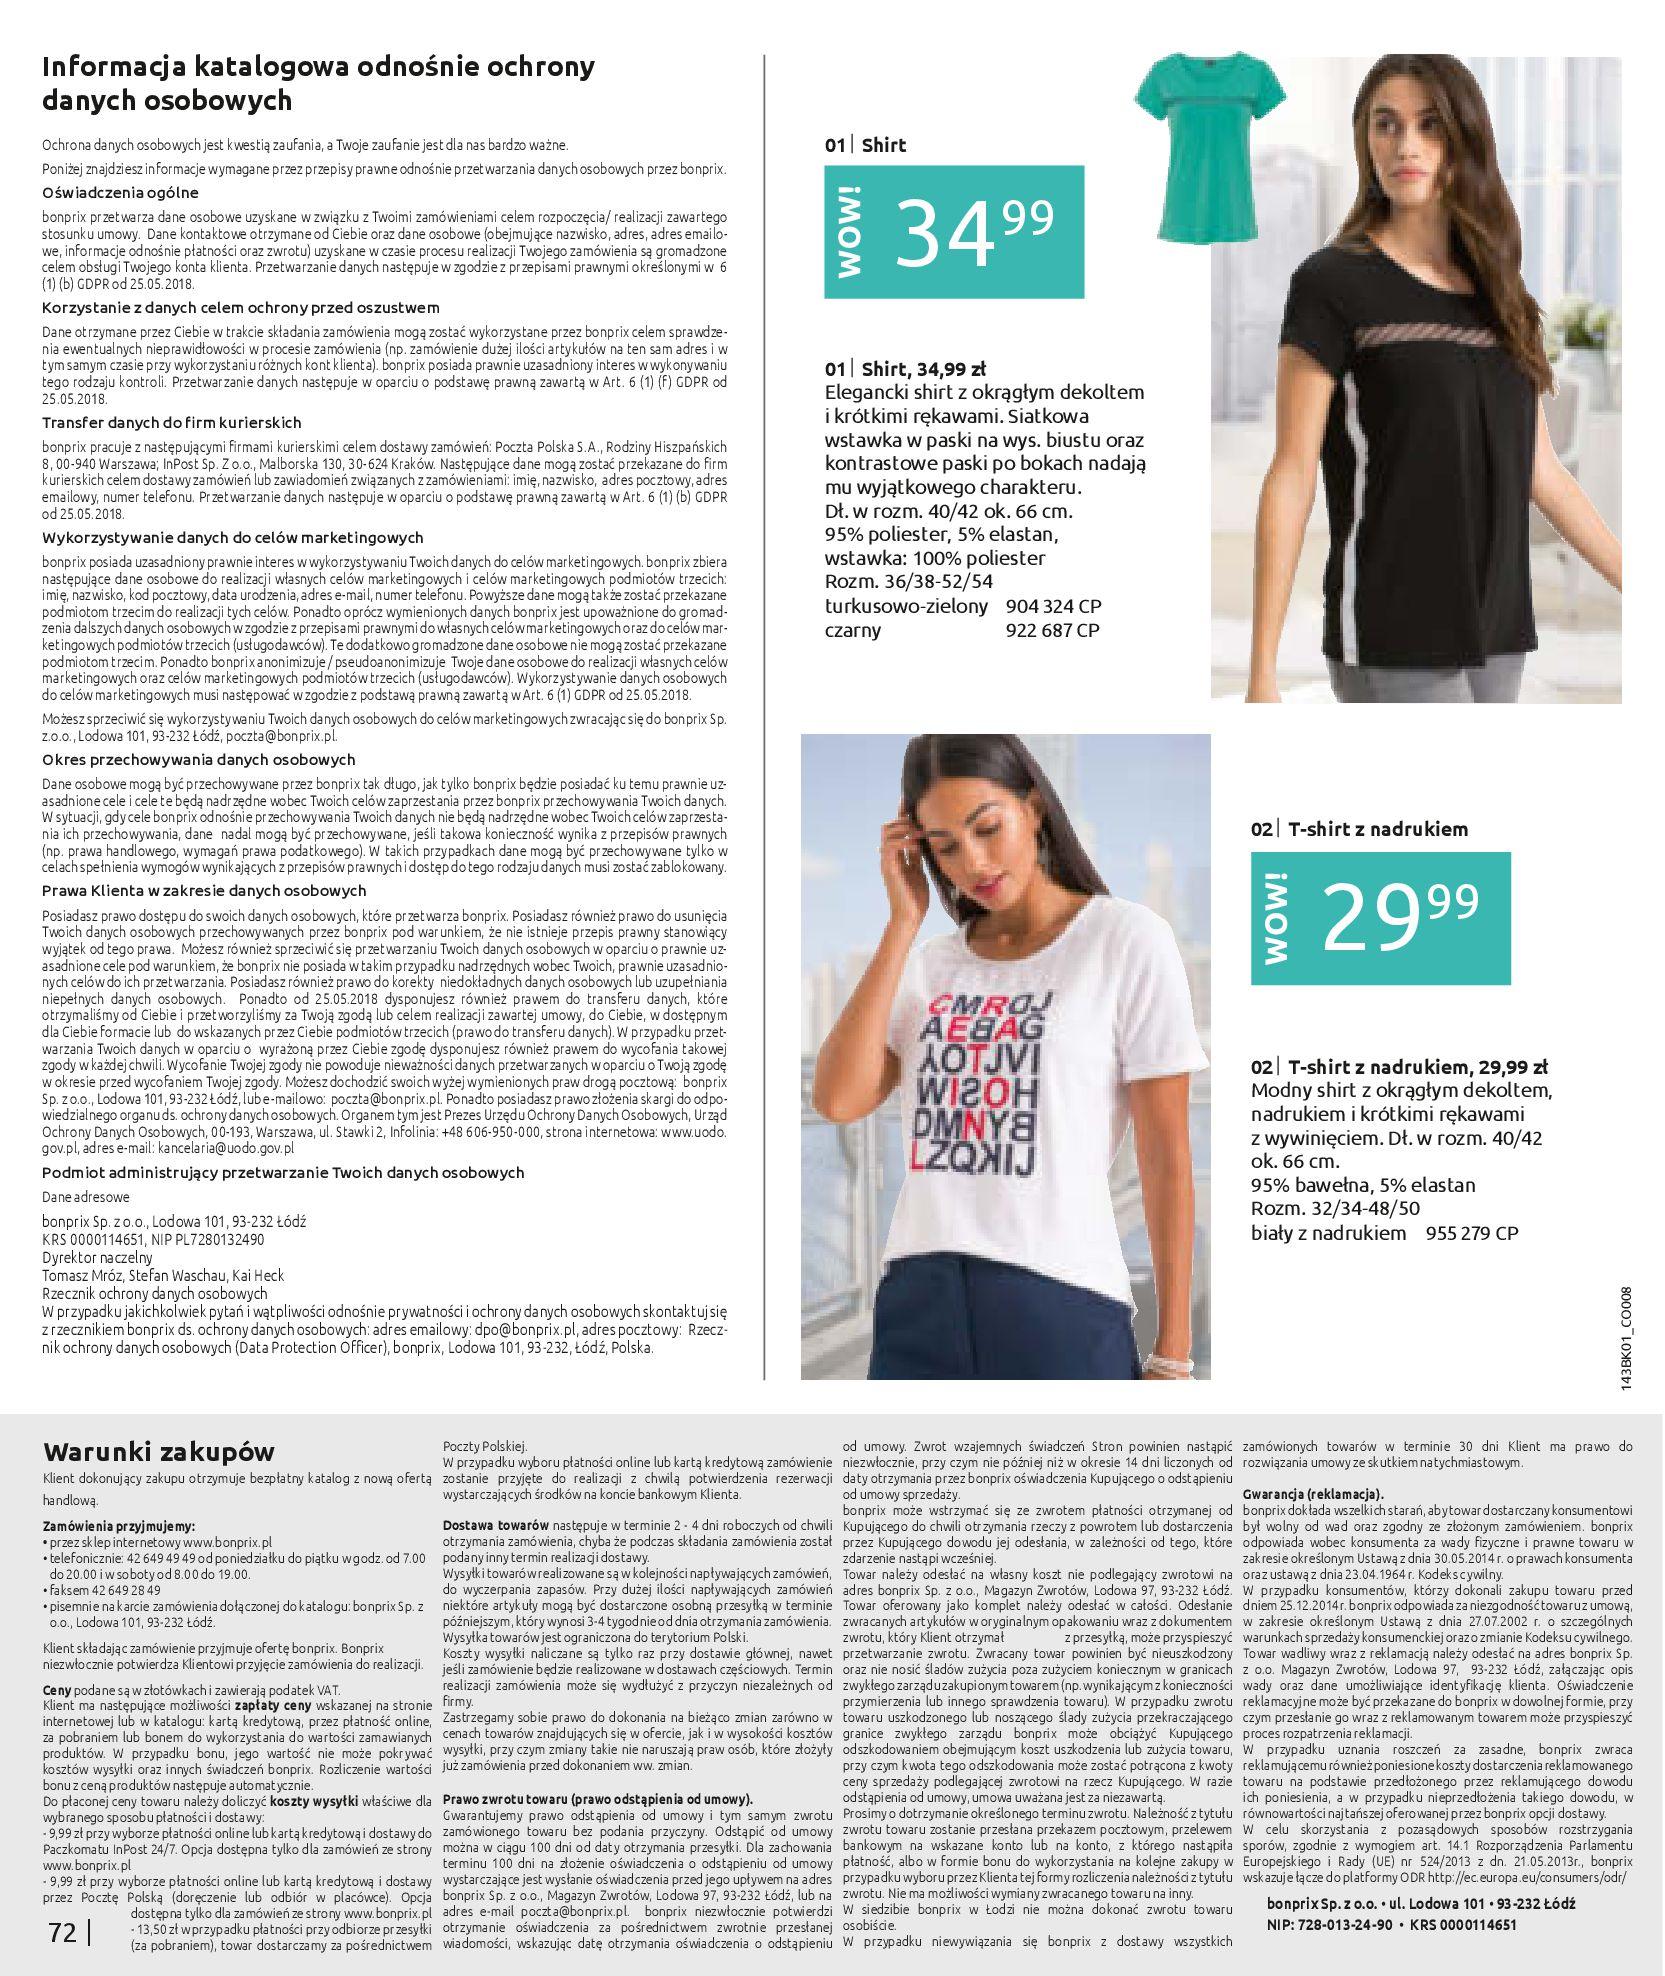 Gazetka Bonprix: Katalog Bonprix Nareszcie! Nadchodzi lato! 2021-06-09 page-74